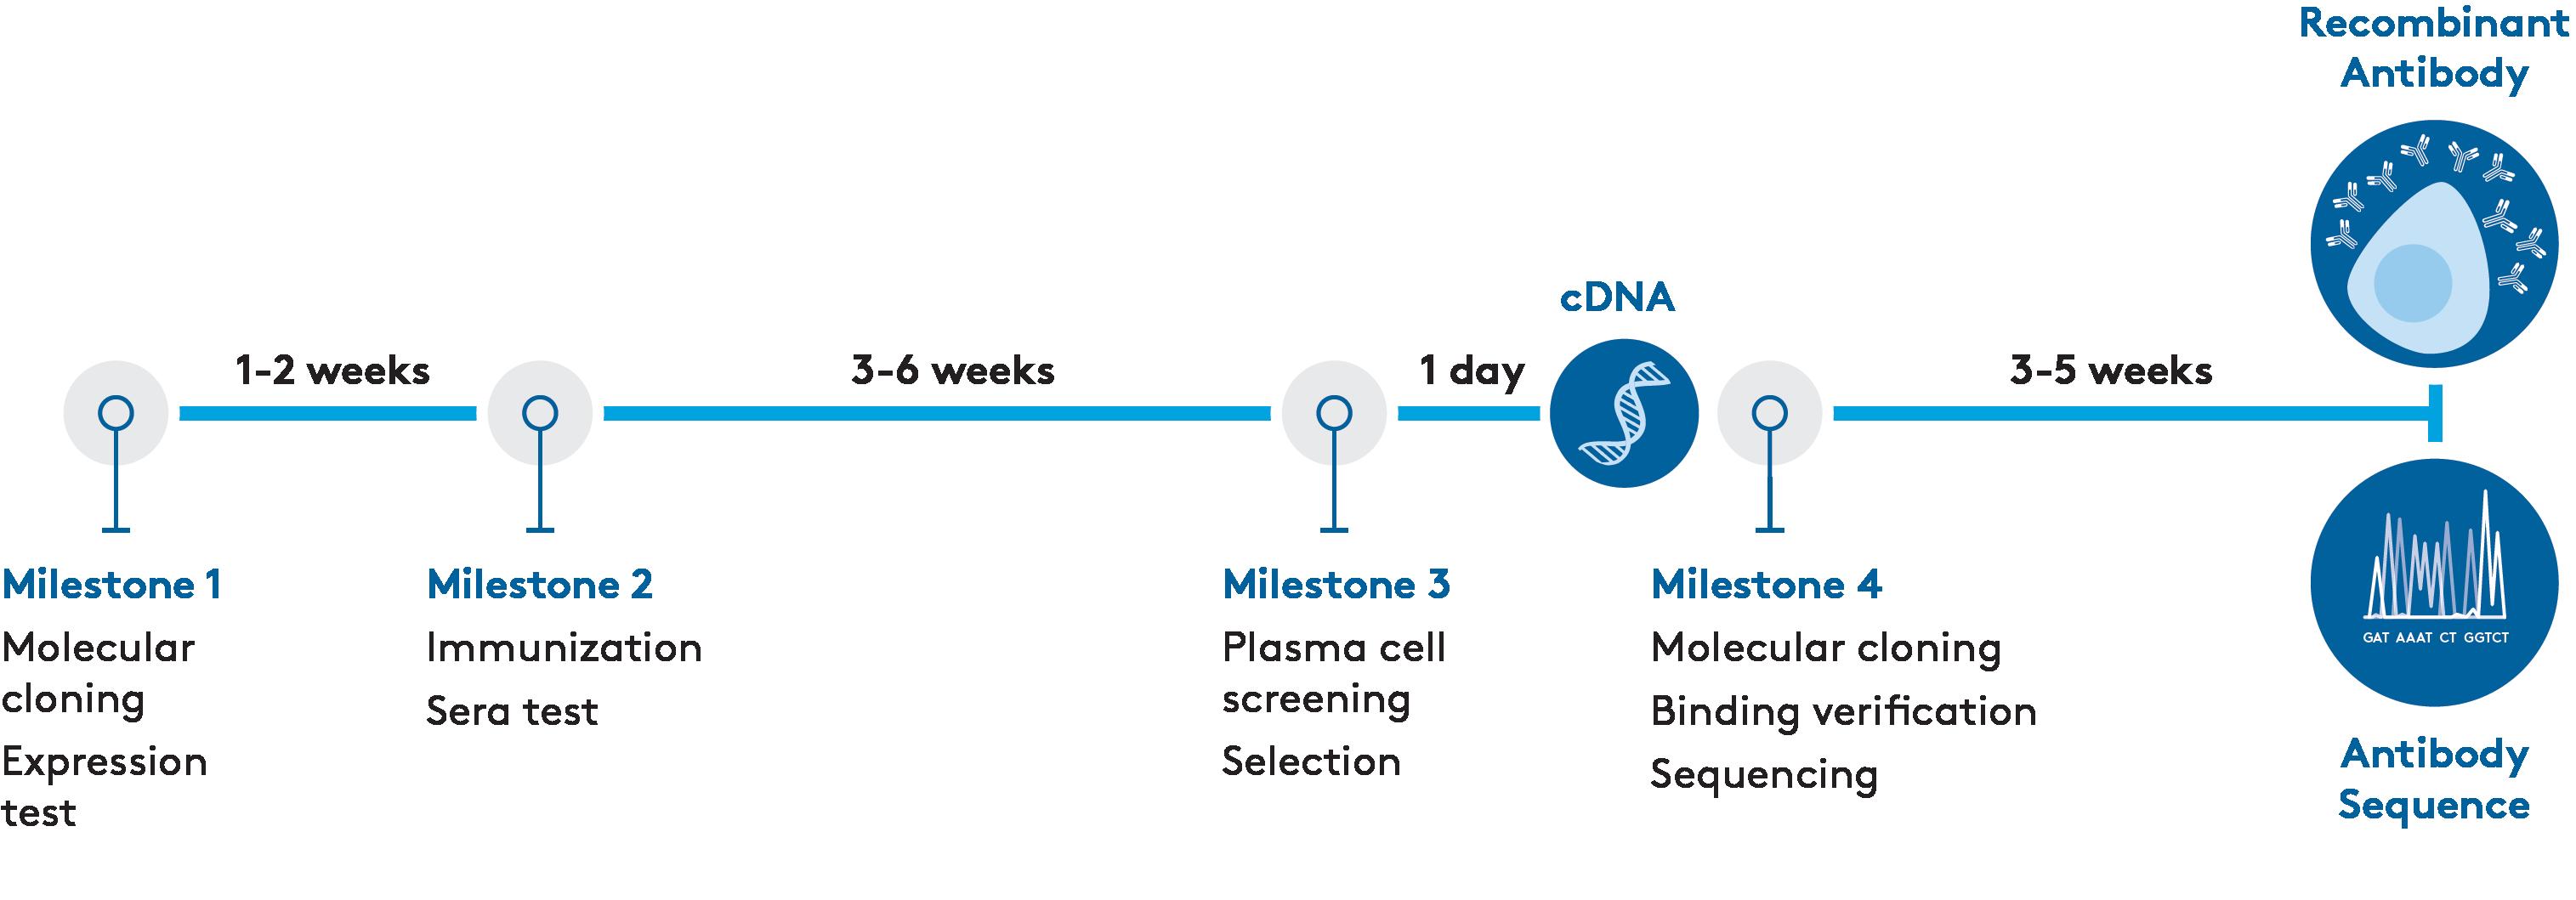 Aldevron Recombinant Antibody